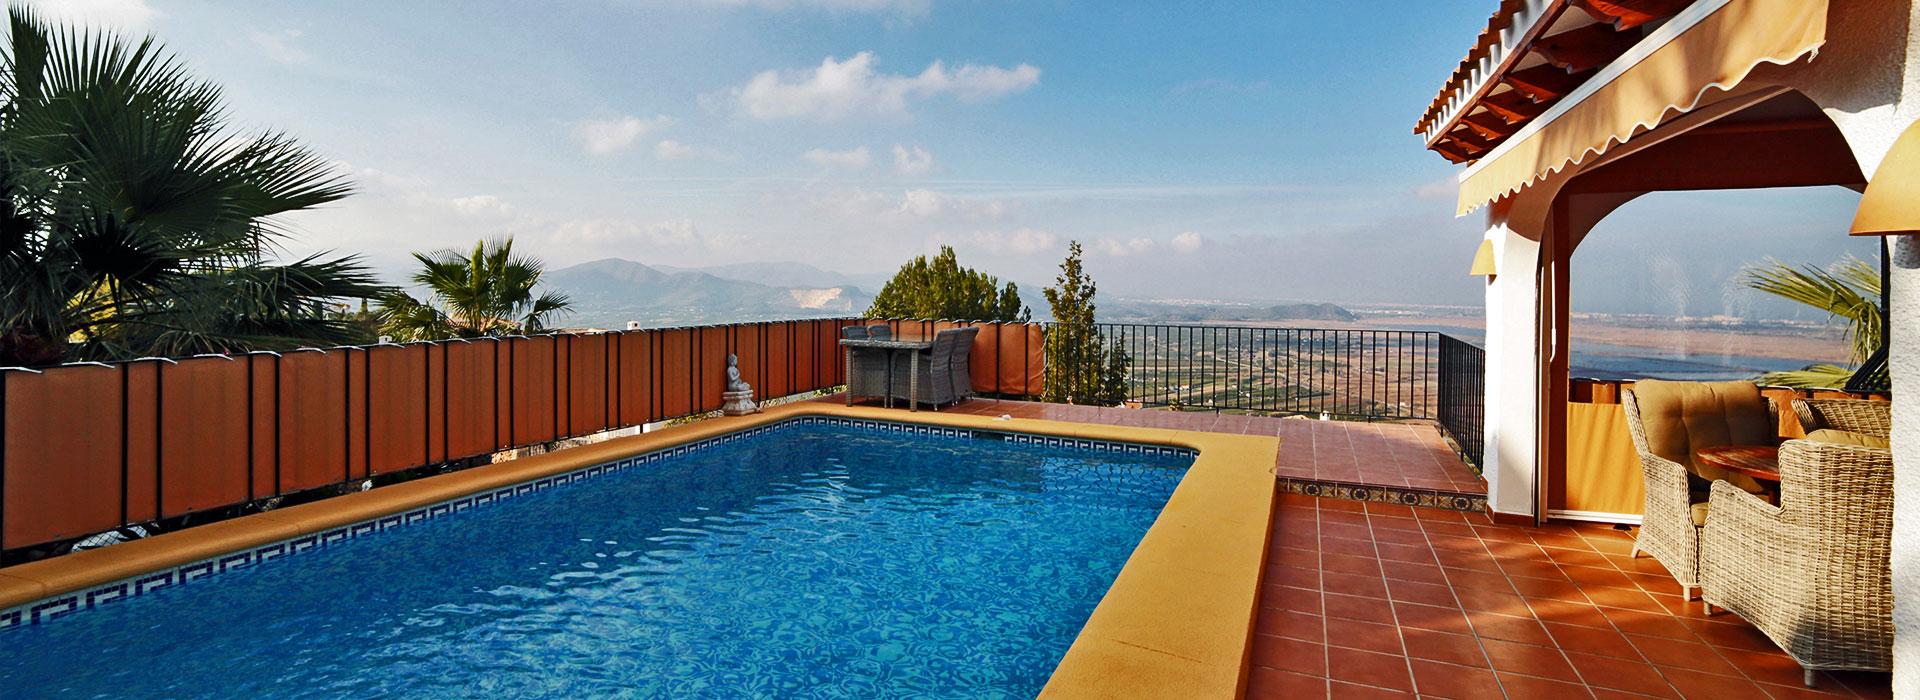 acb.immo - Villa de 4 chambres avec vue mer et studio séparé à Monte Pego, Denia